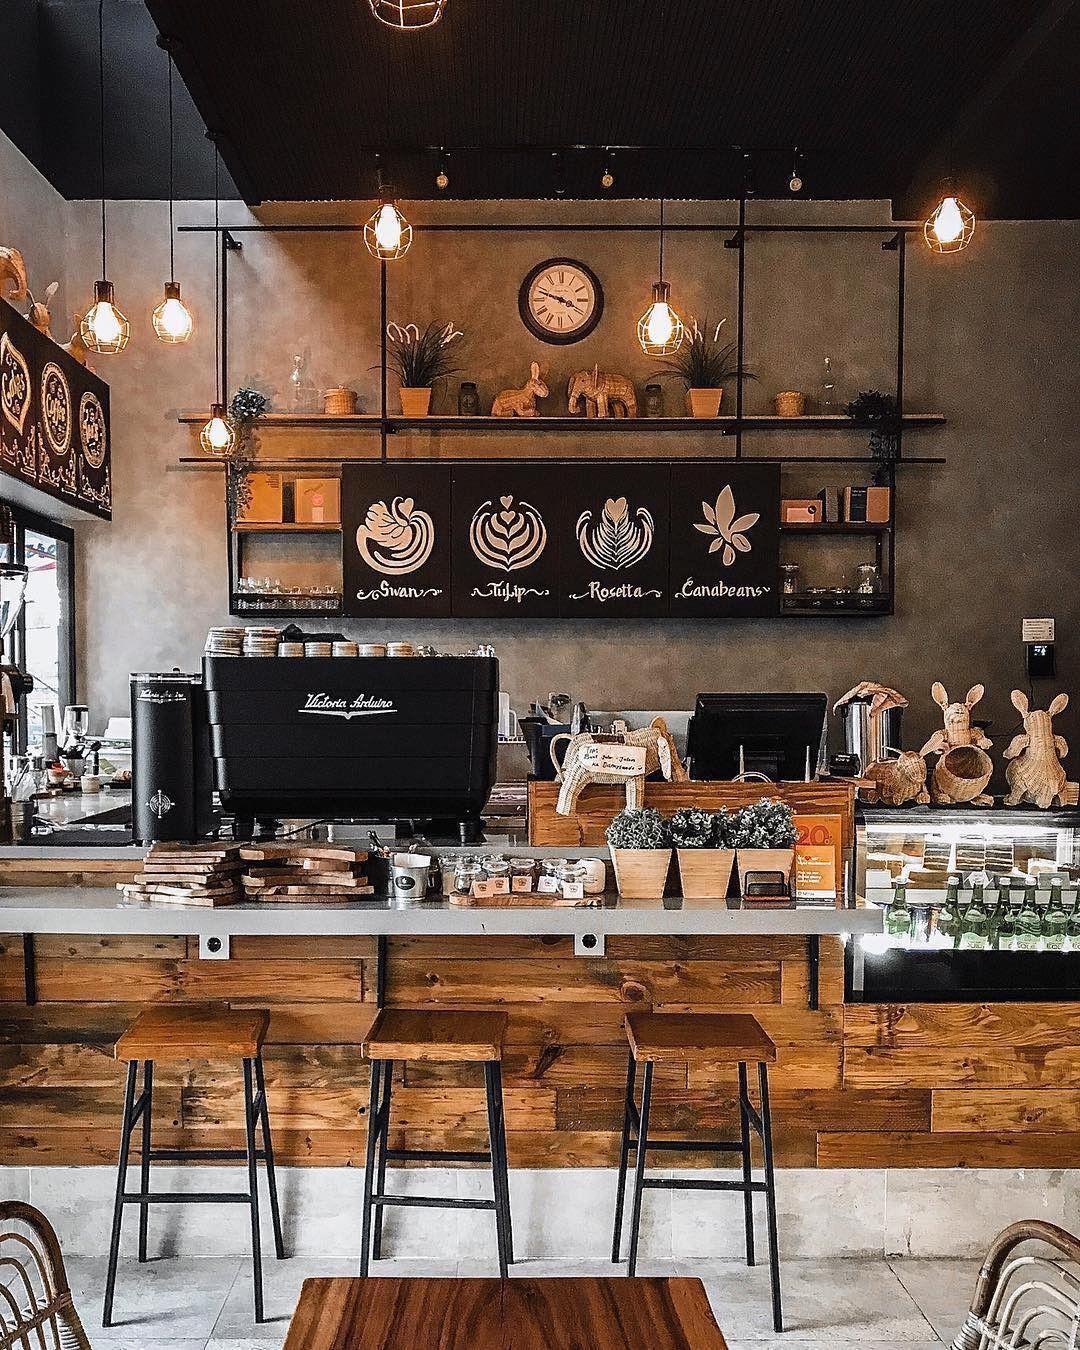 Induuatrial Coffee Shop Decor Coffee Shop Interior Design